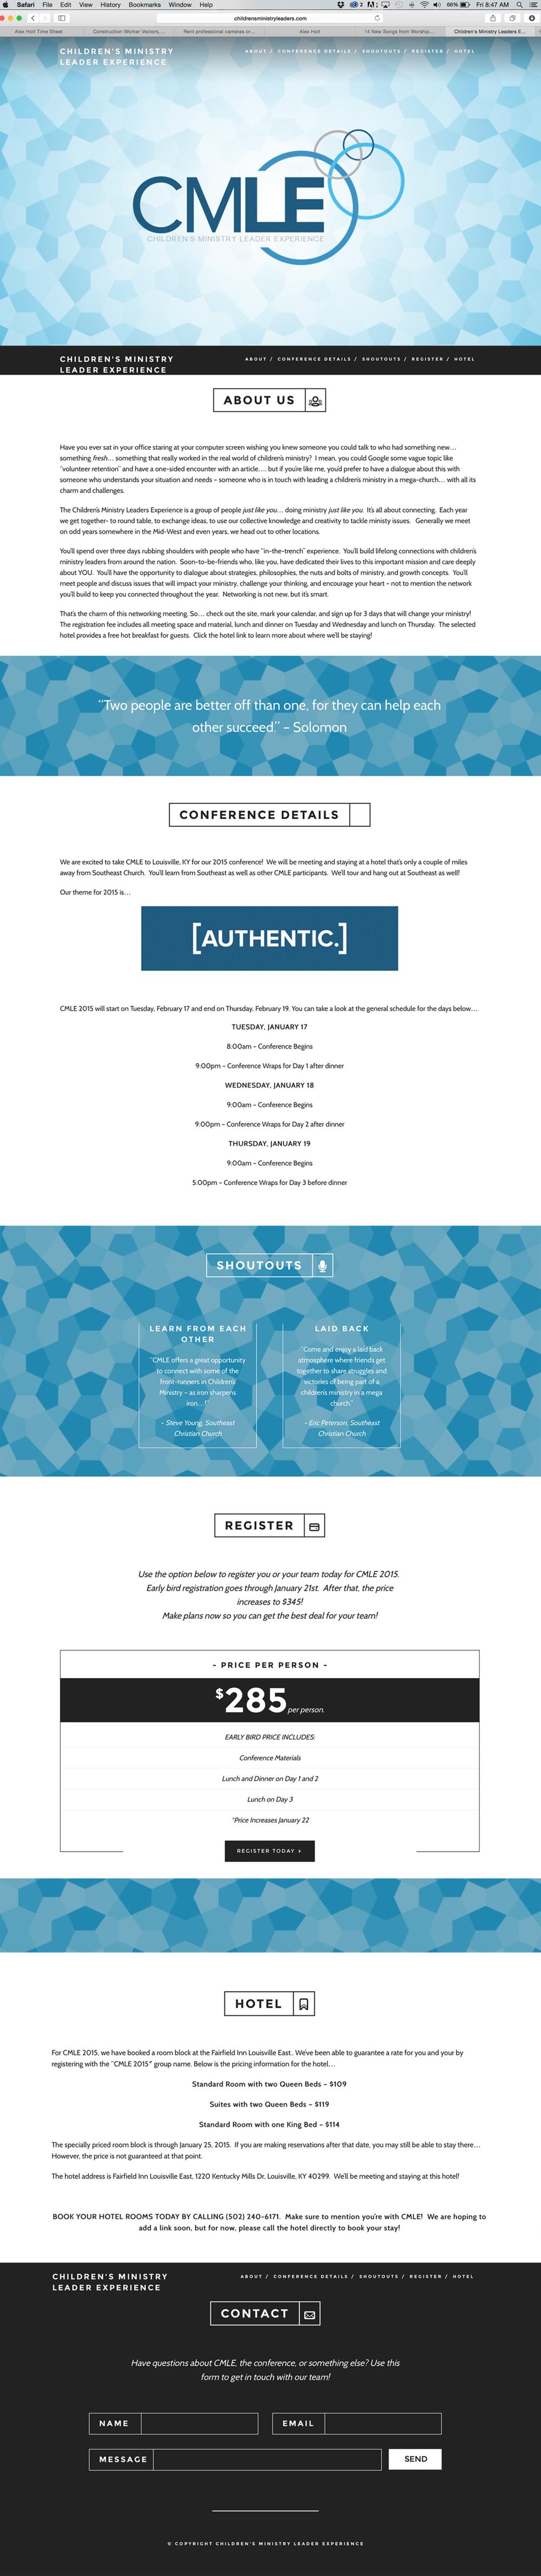 CMLEWebsite-WebPresentation.png